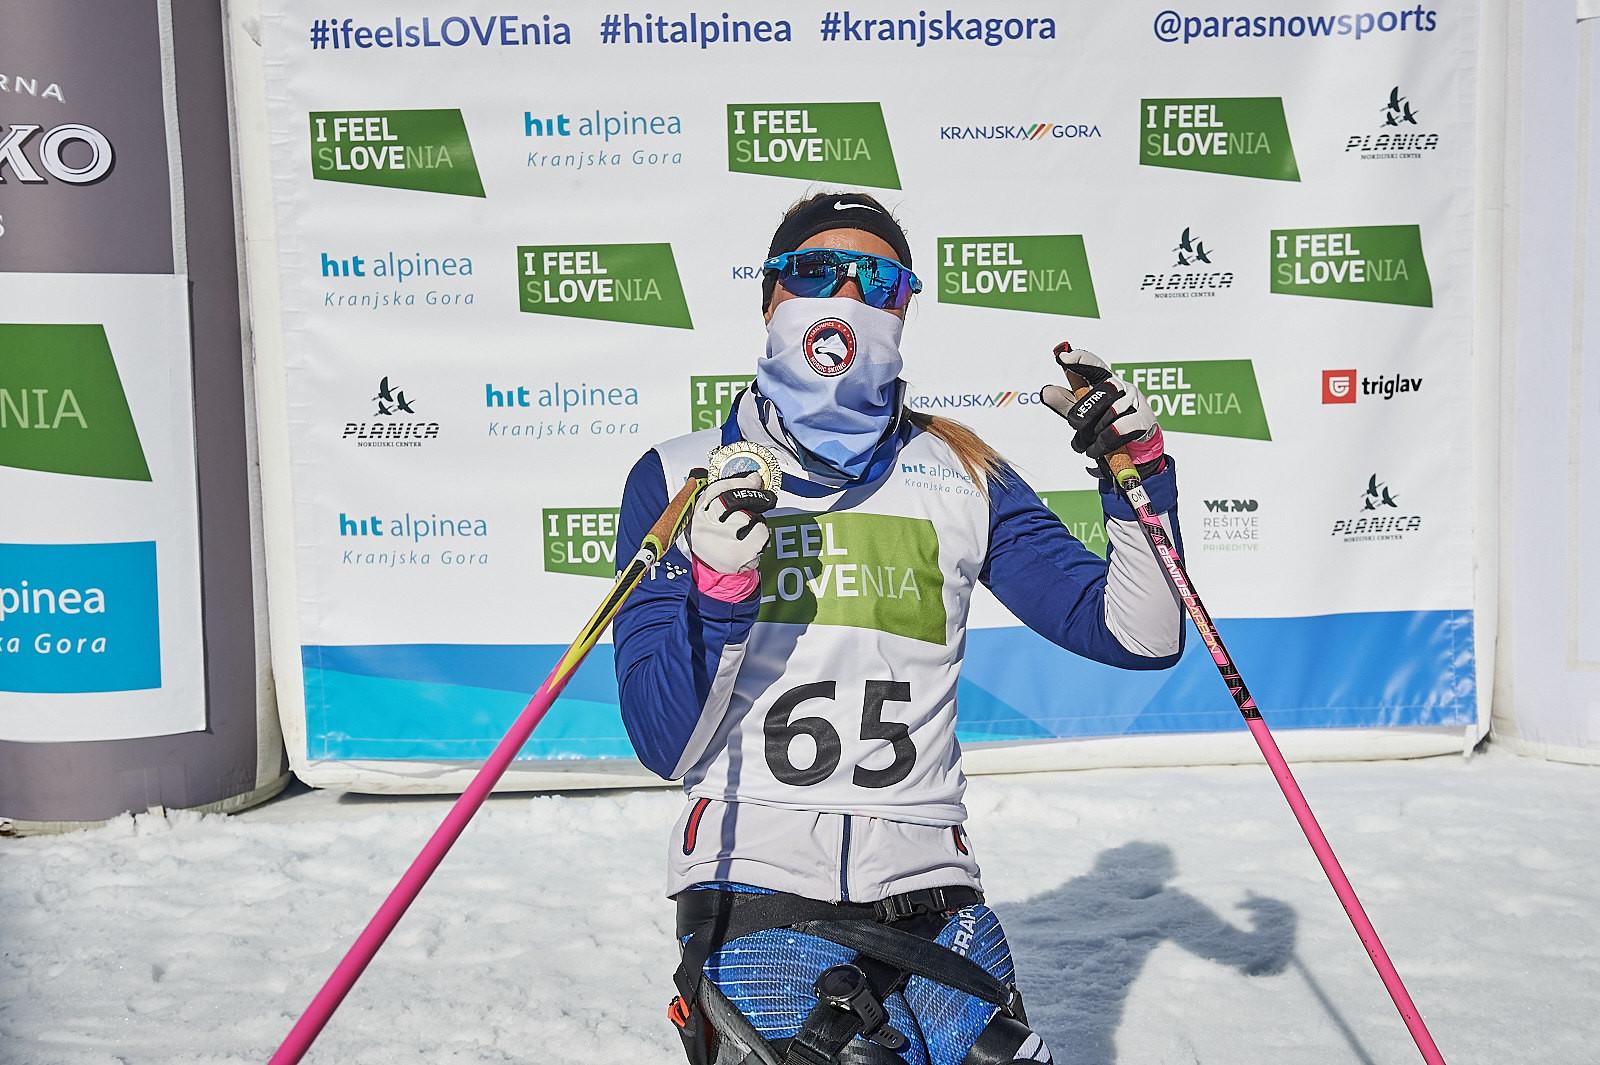 Masters and Lekomtsev win again at Para Nordic Skiing World Cup